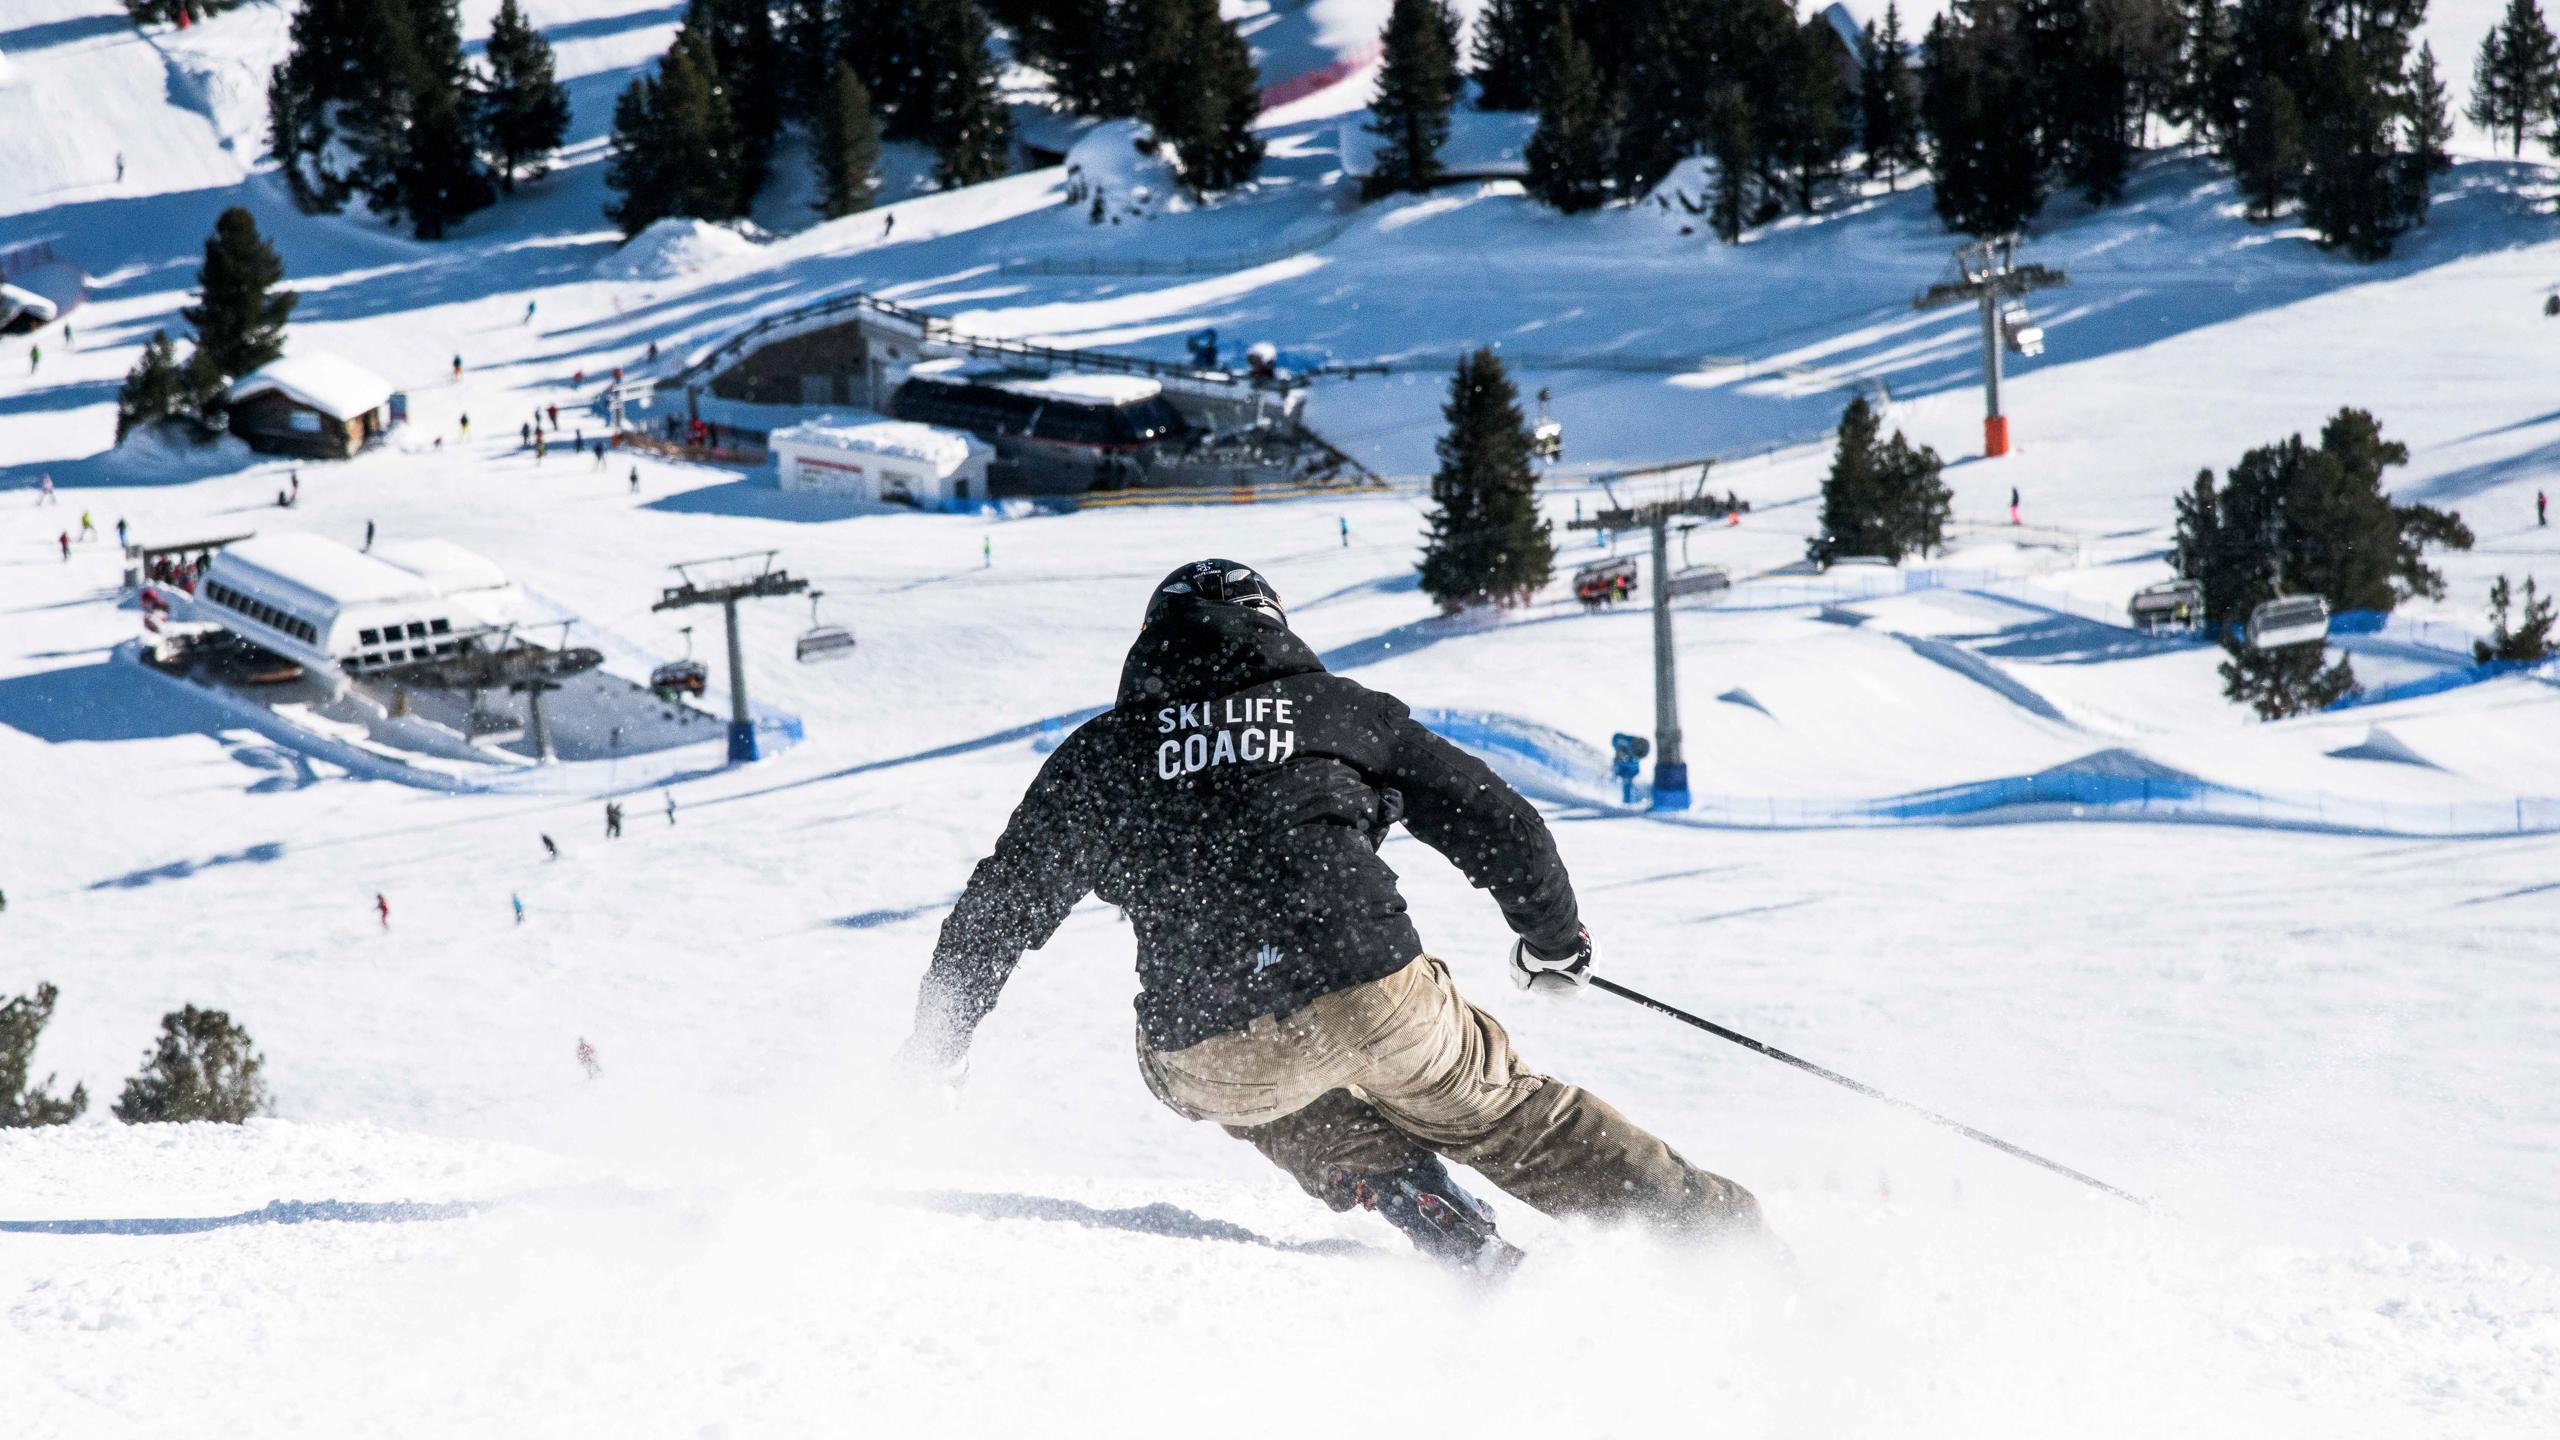 Cours particulier de ski Adultes - Avancé